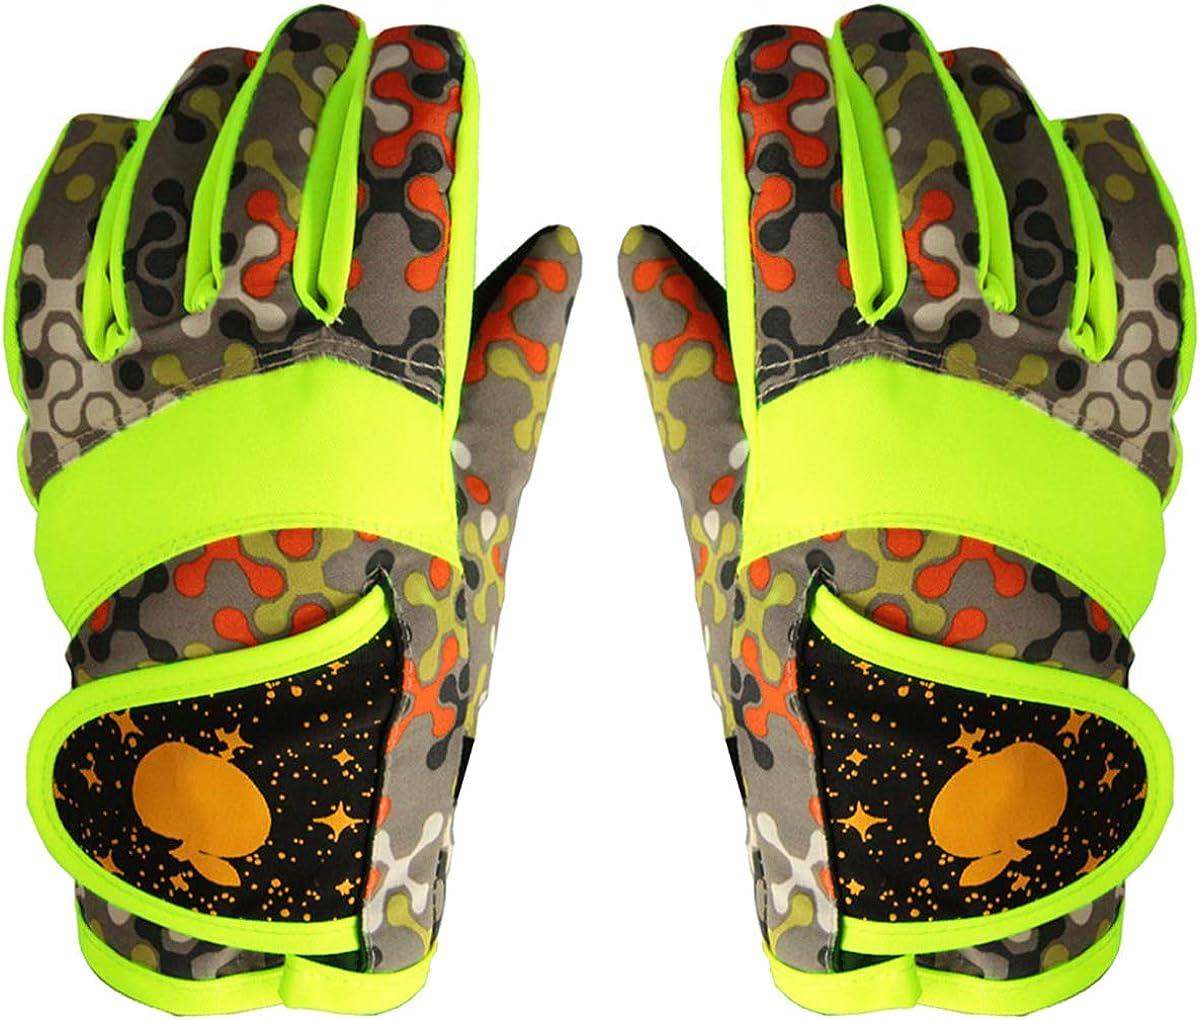 Gants polaire doux /étanche ajustable Gants Surface imperm/éable pour enfants plein air sports Ski Snowboard iEay Gants chauds dhiver pour enfants de 4 /à 9 ans